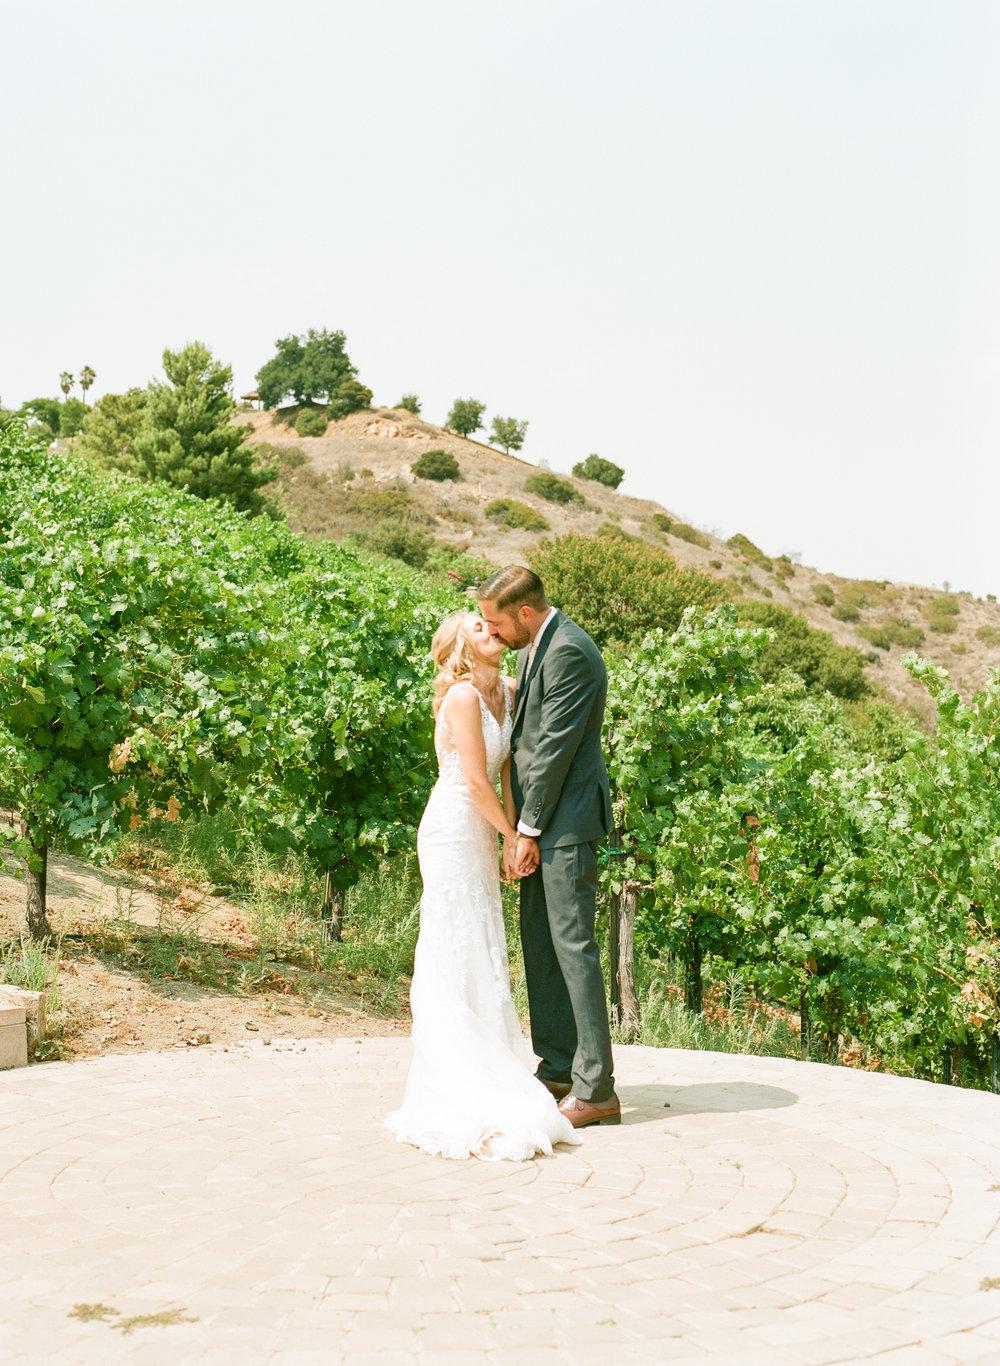 dennisroycoronel_ashleyanthony_vanessahudgens_austinbutler_wedding_losangeles_photographer-88.jpg